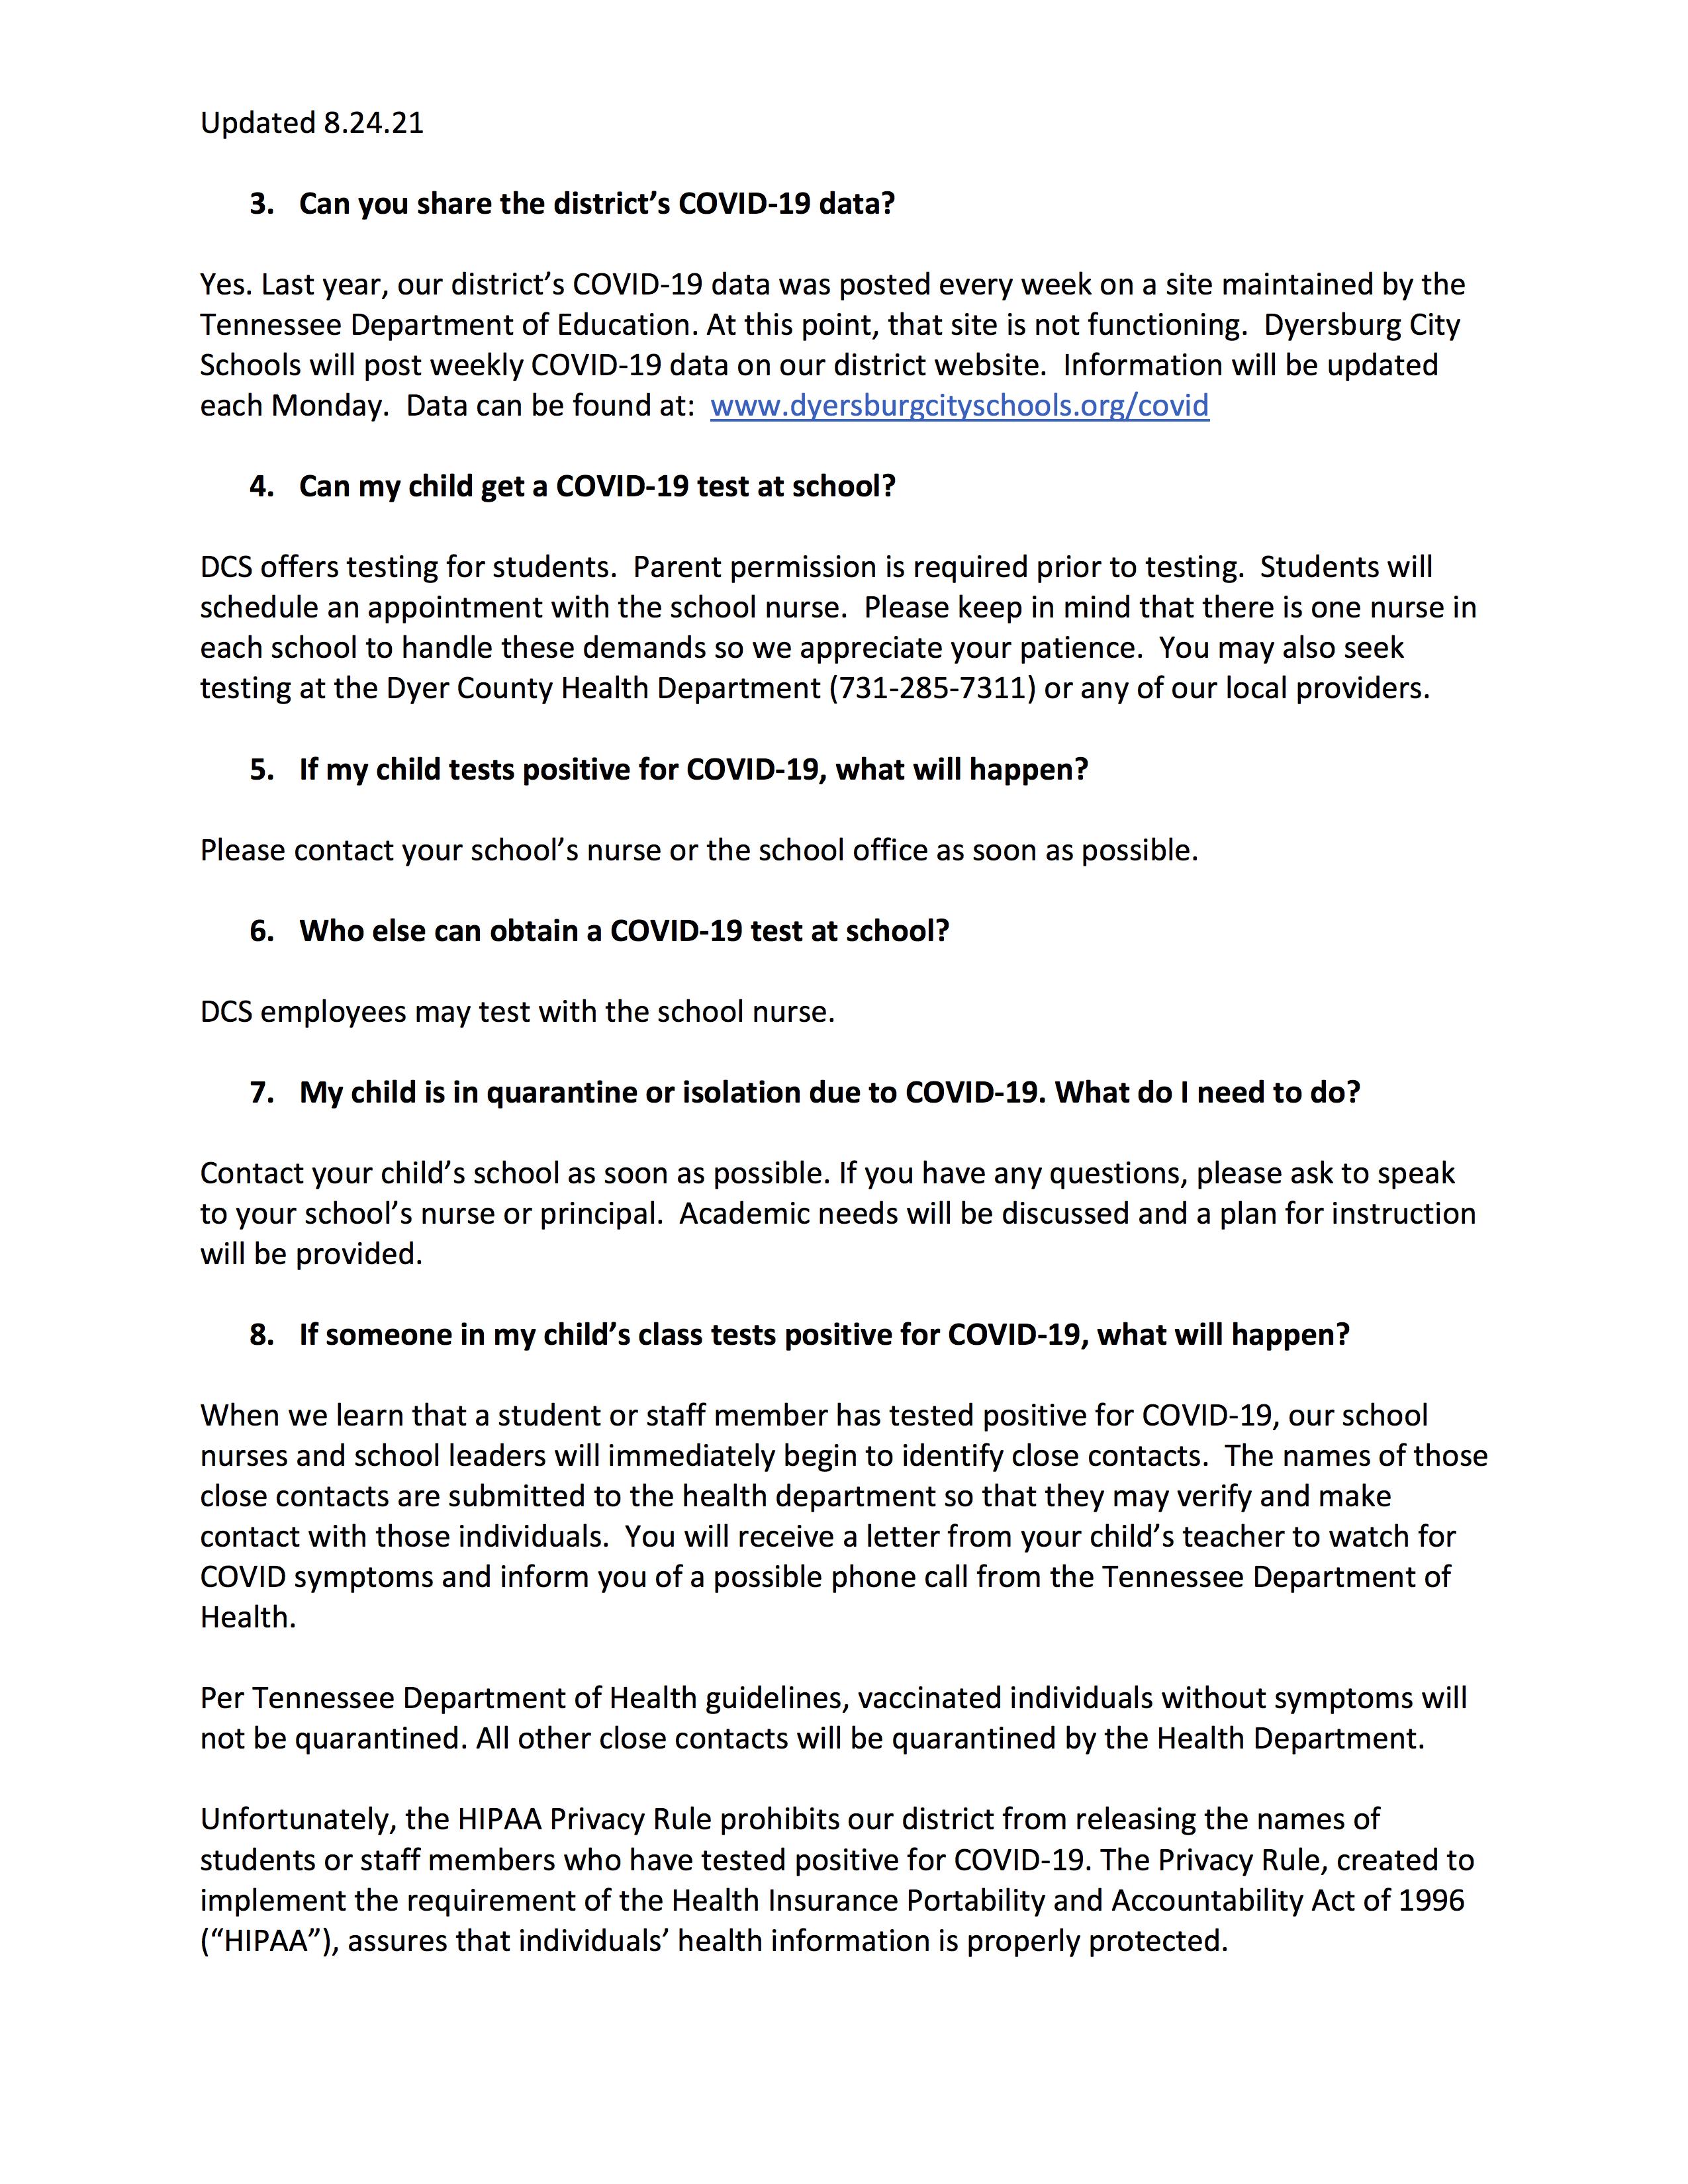 FAQ Page 2